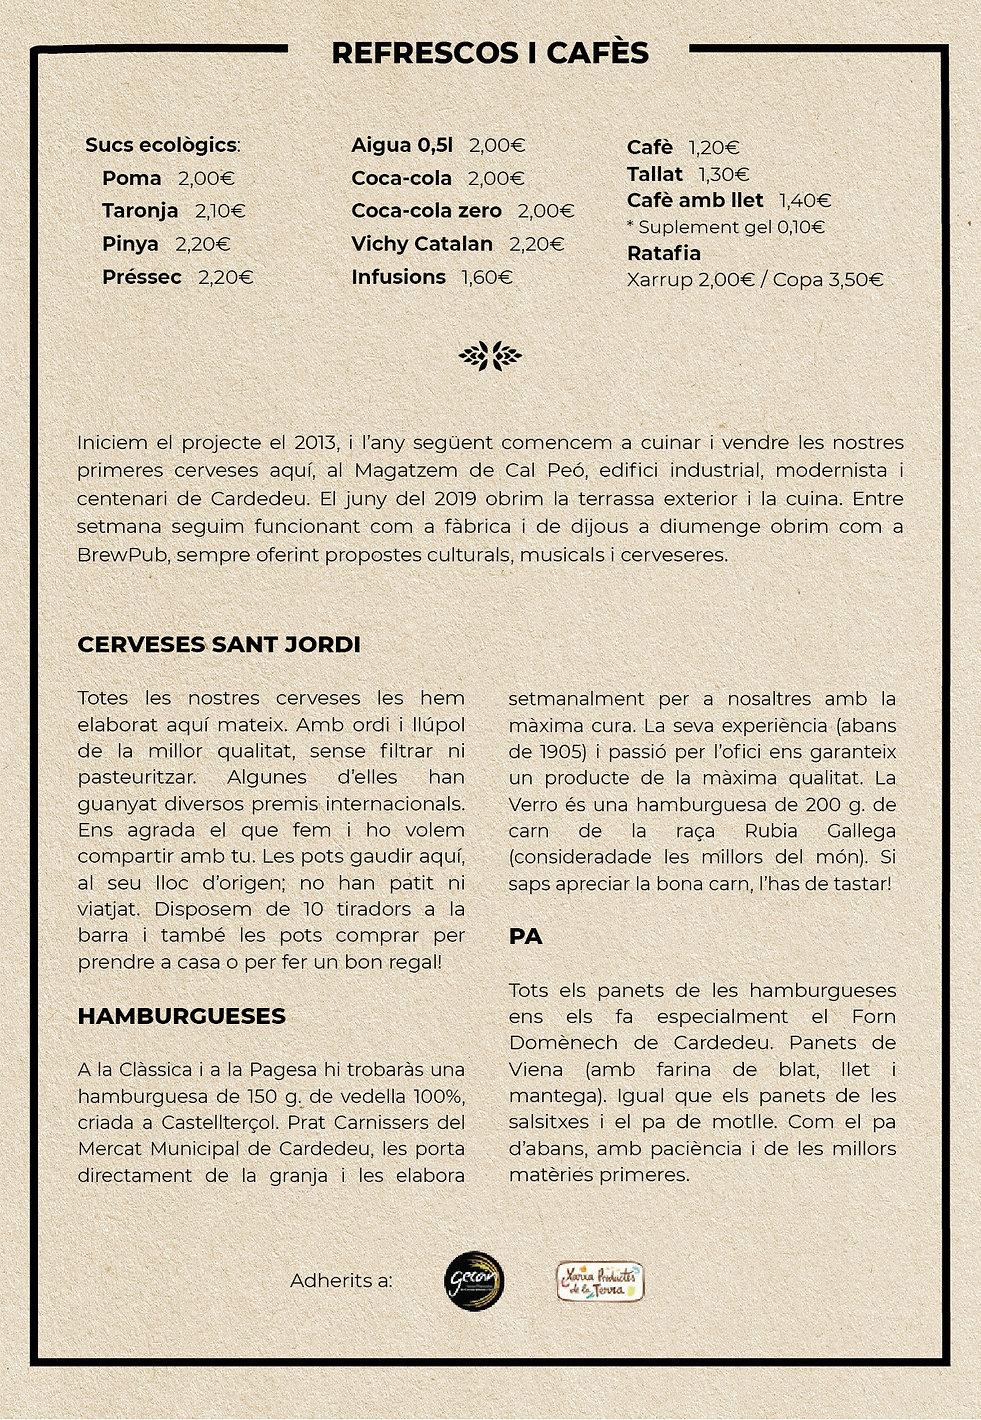 carta-17-05_INFO.jpg